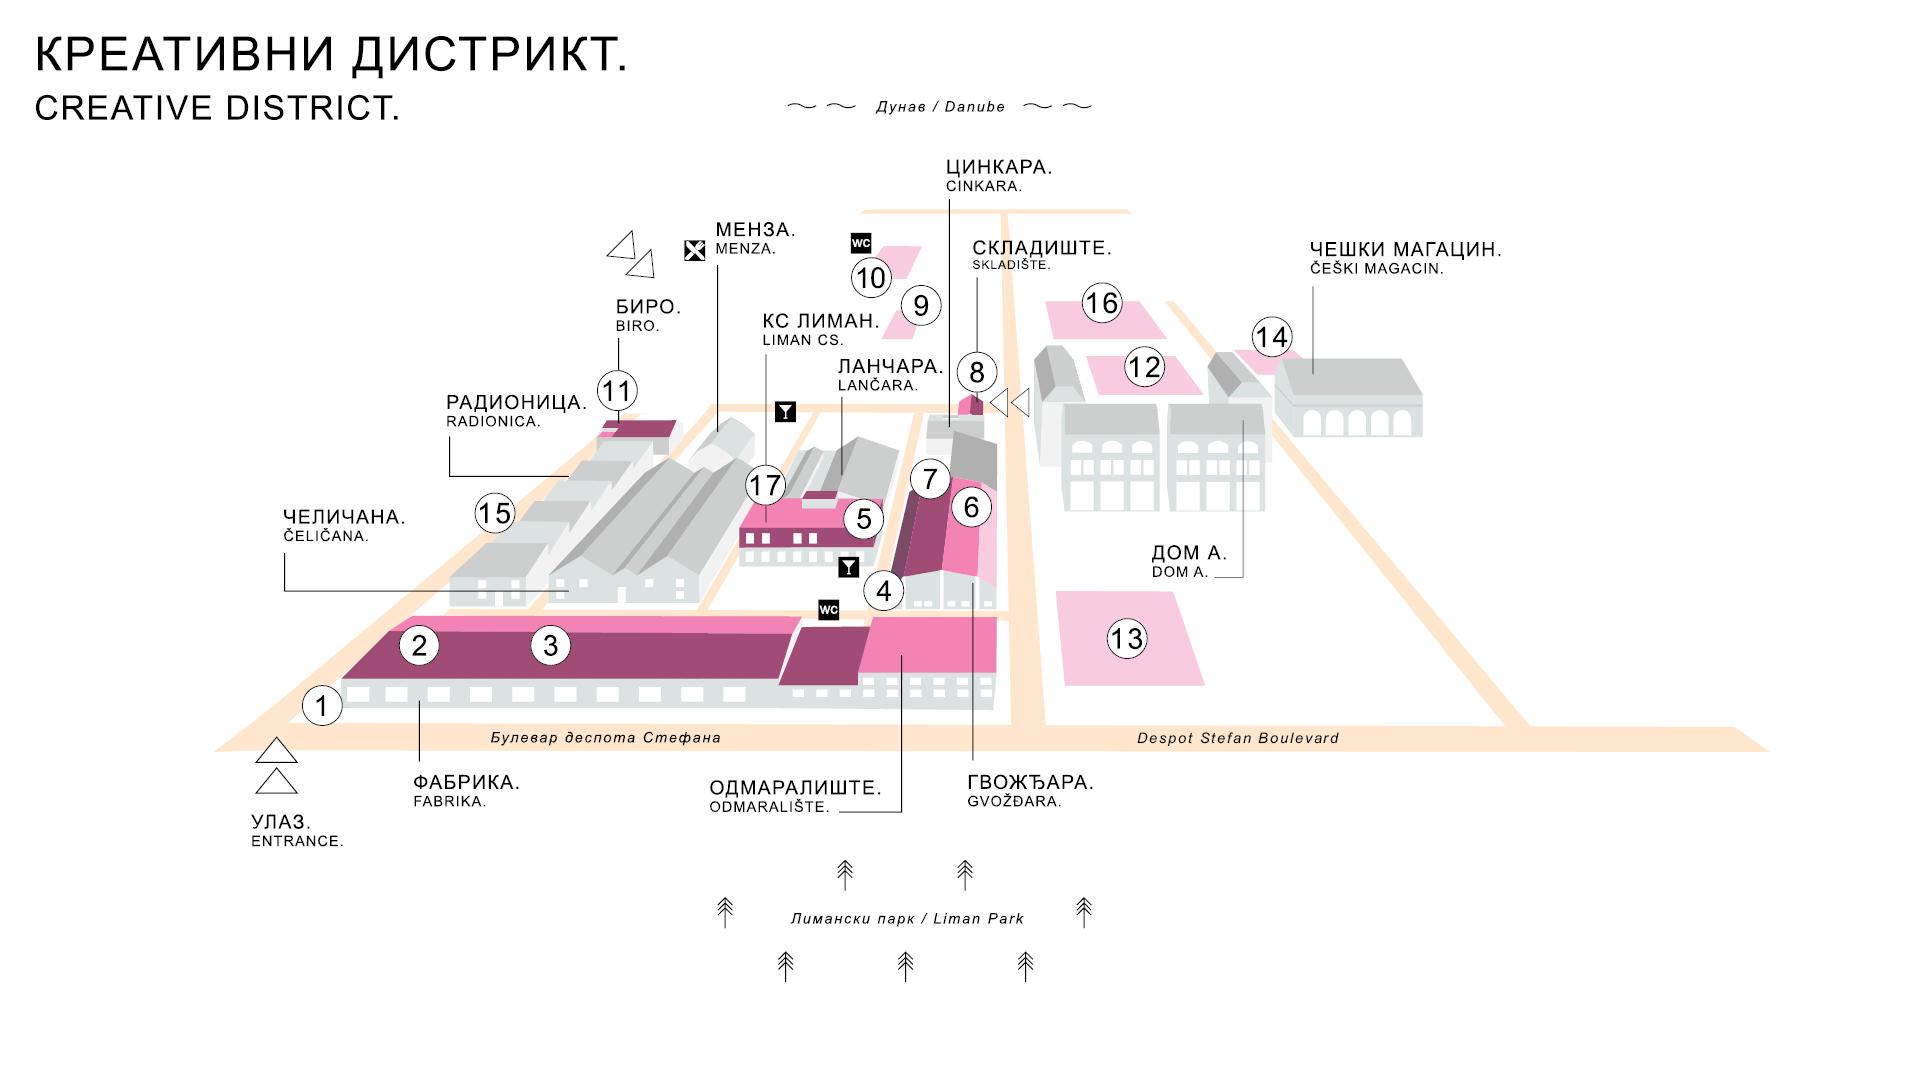 kreativni distrikt mapa